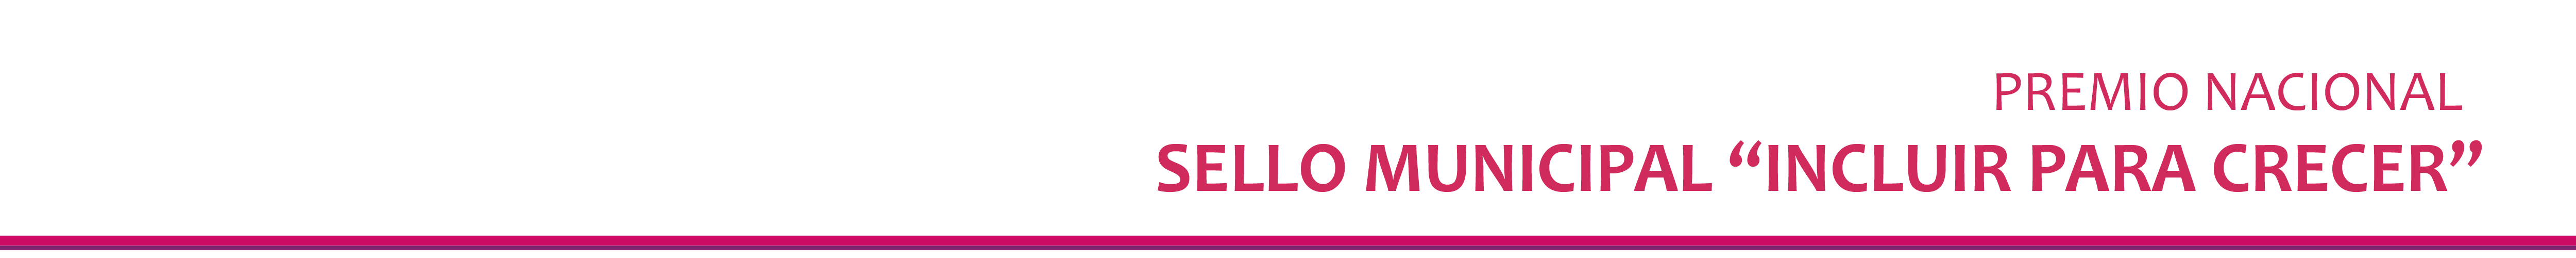 pagina-interior-sello-municipal-01